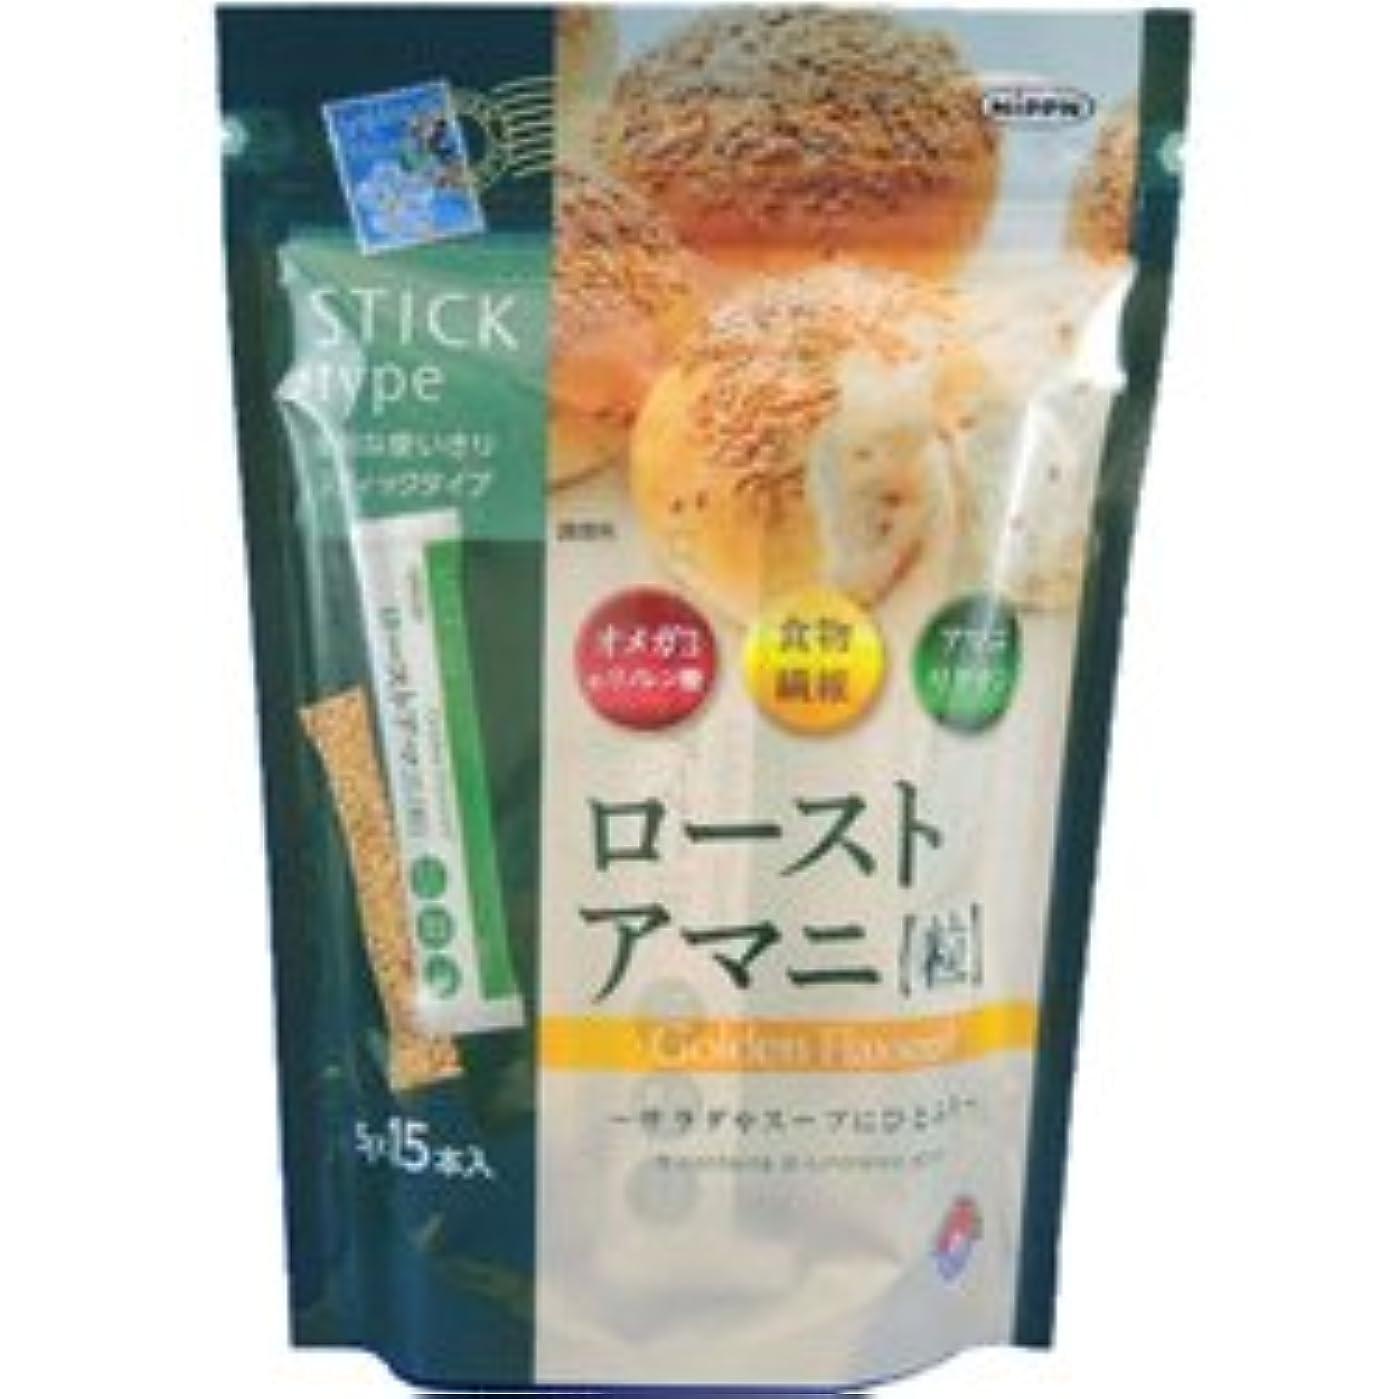 桃今晩流す【日本製粉】ローストアマニ粒 75g ×20個セット